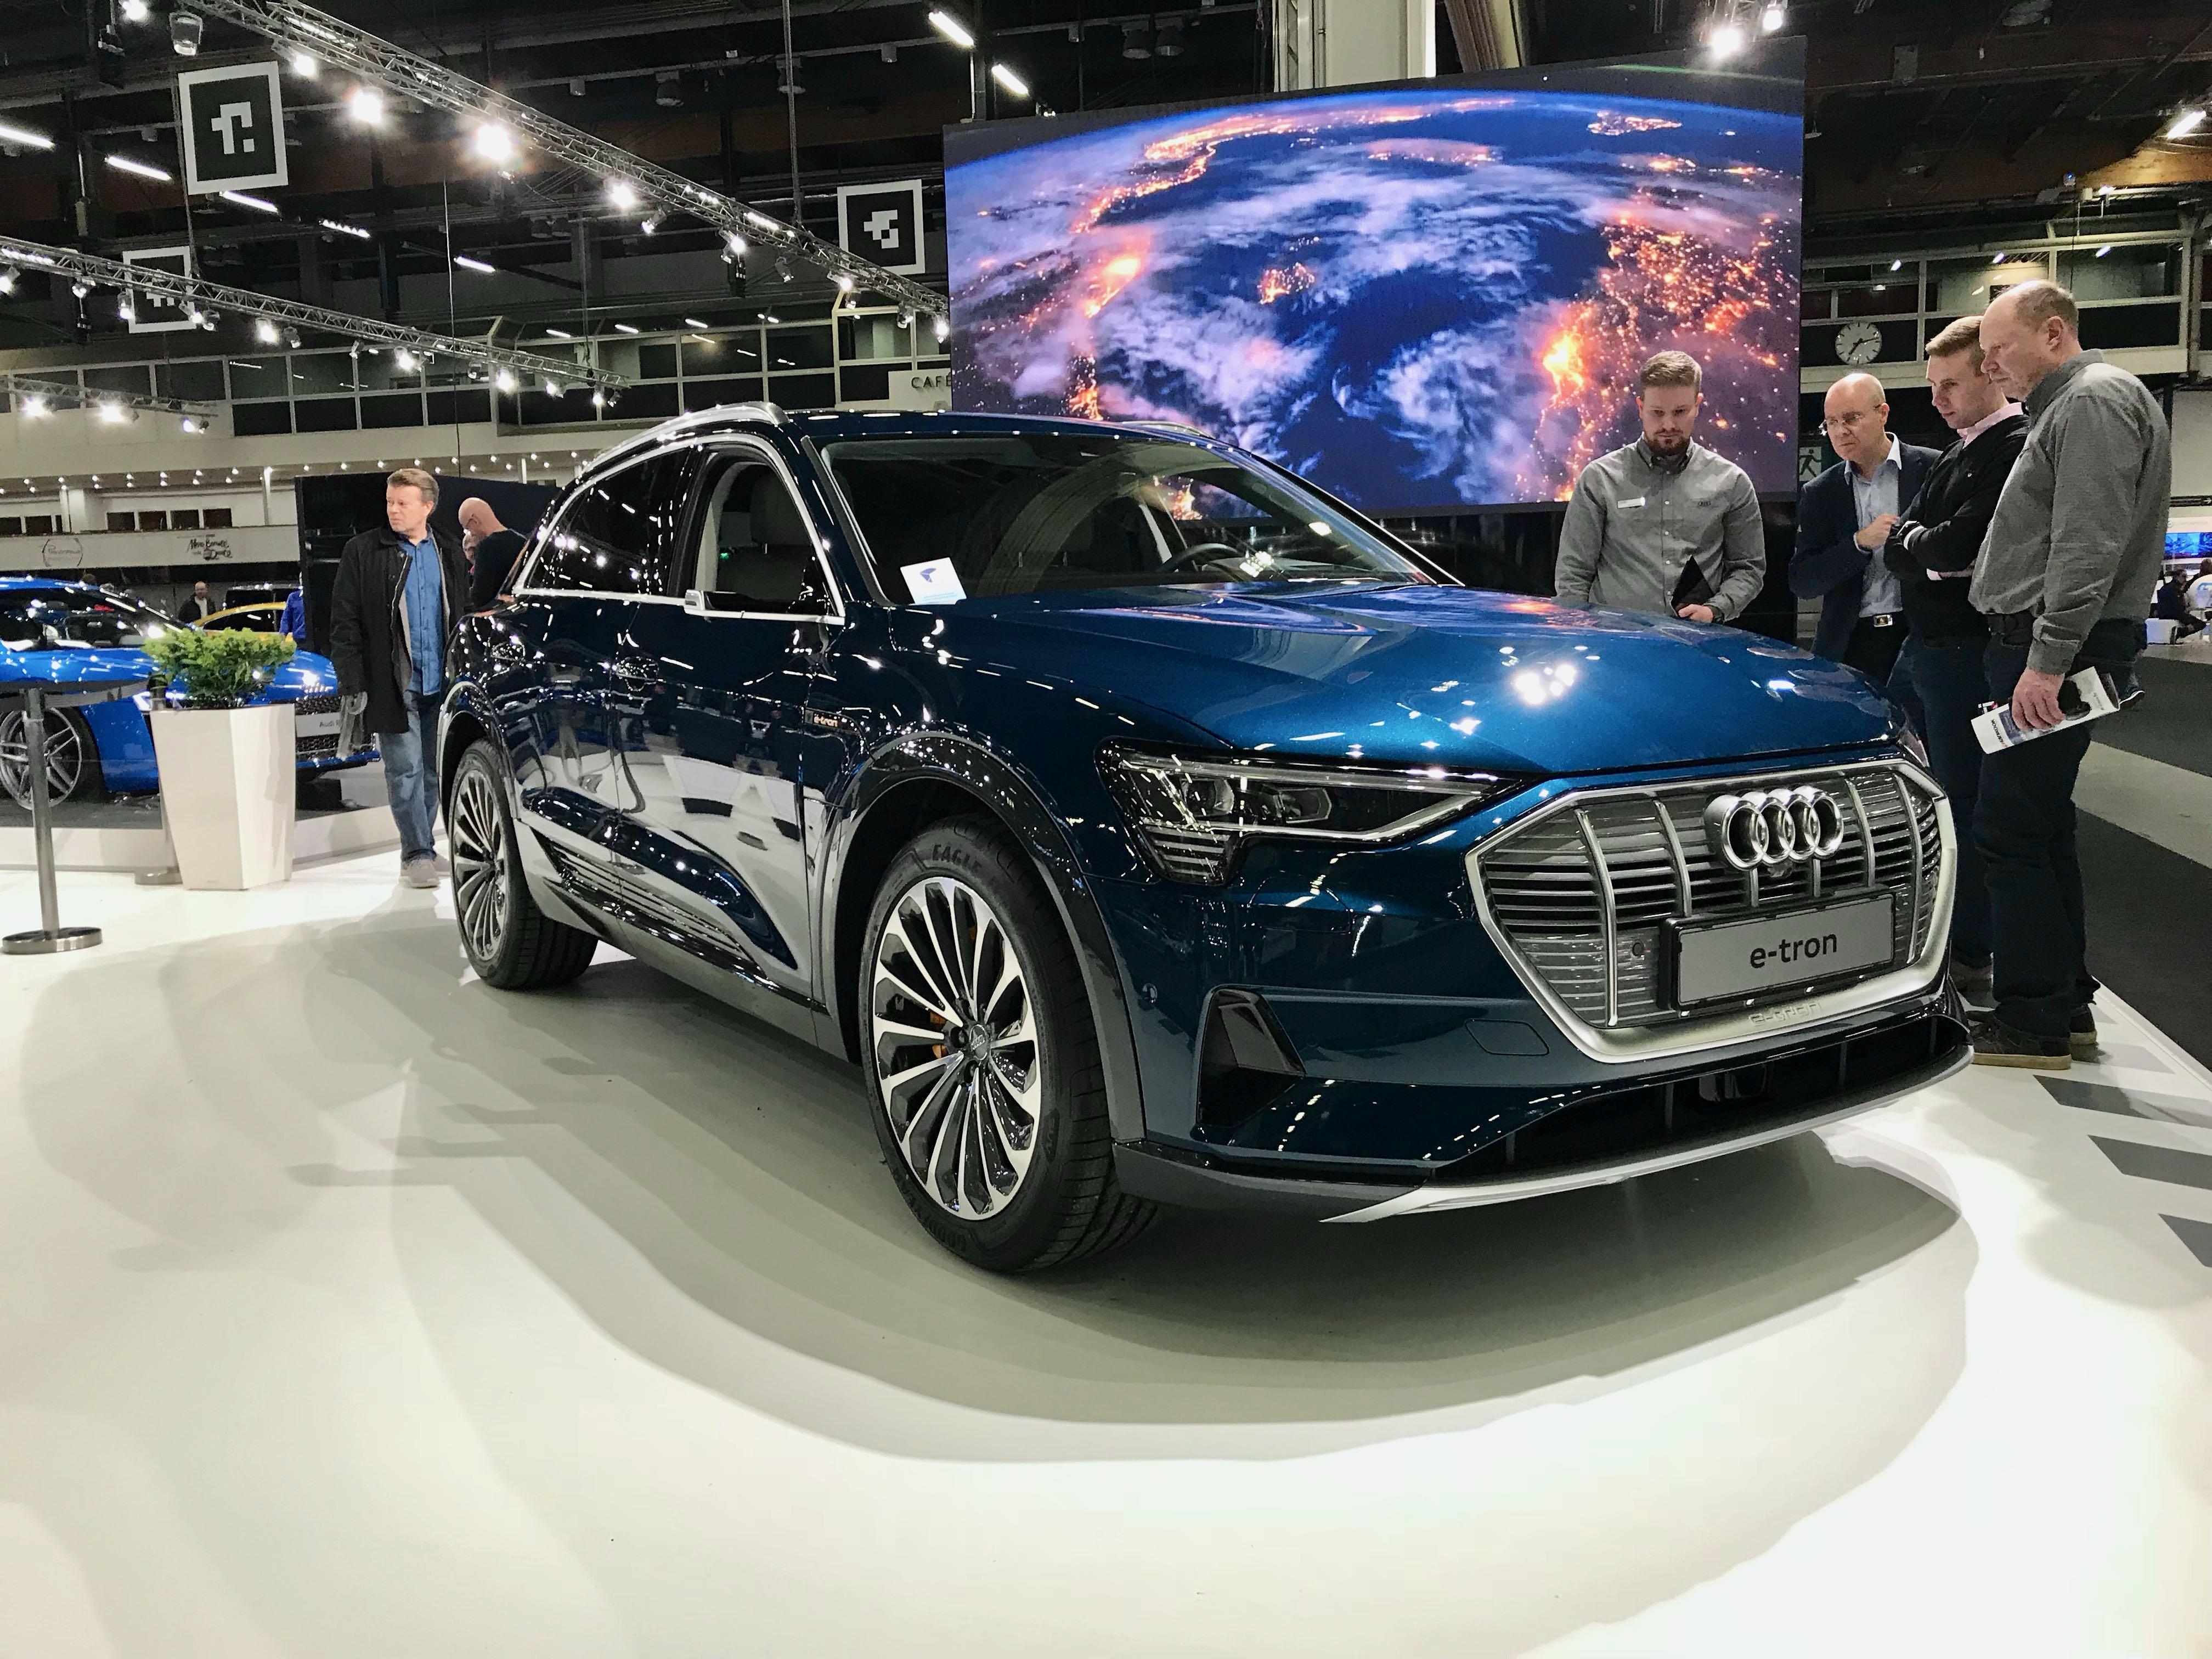 Auto 2018 -Audi e-tron sekä Elaine -sähköautot